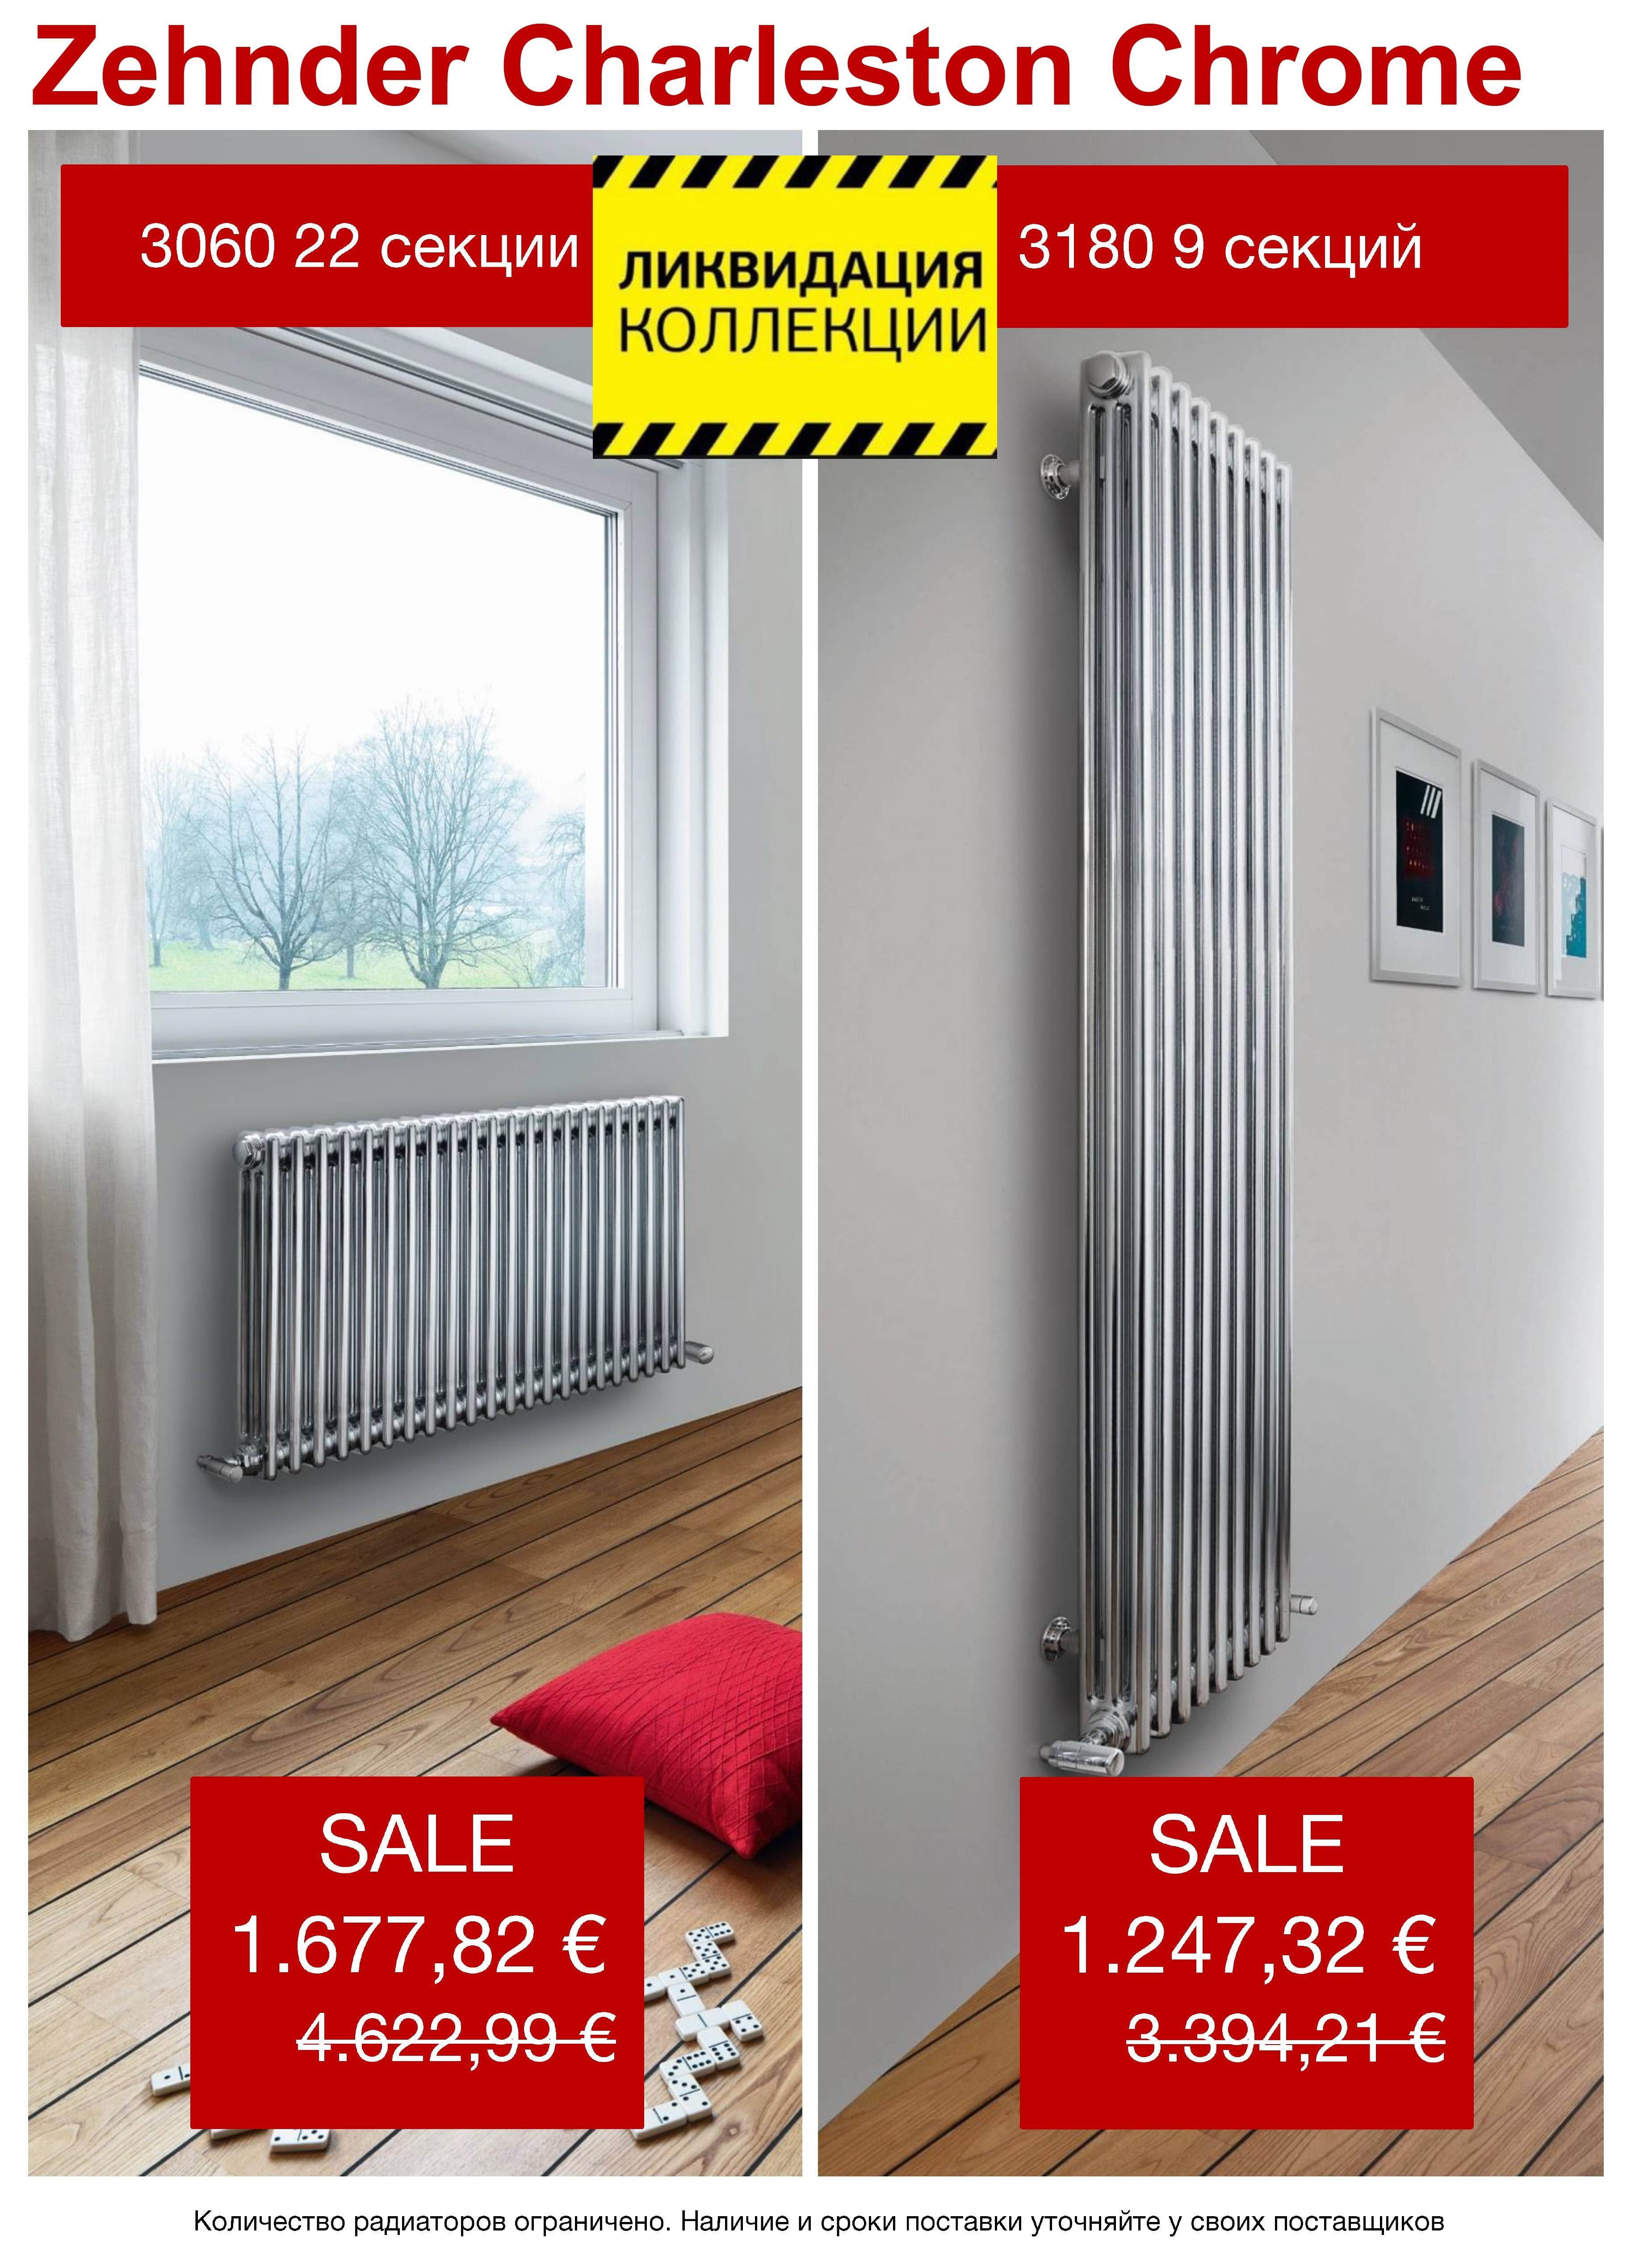 Преимущества использования радиаторов отопления Zehnder